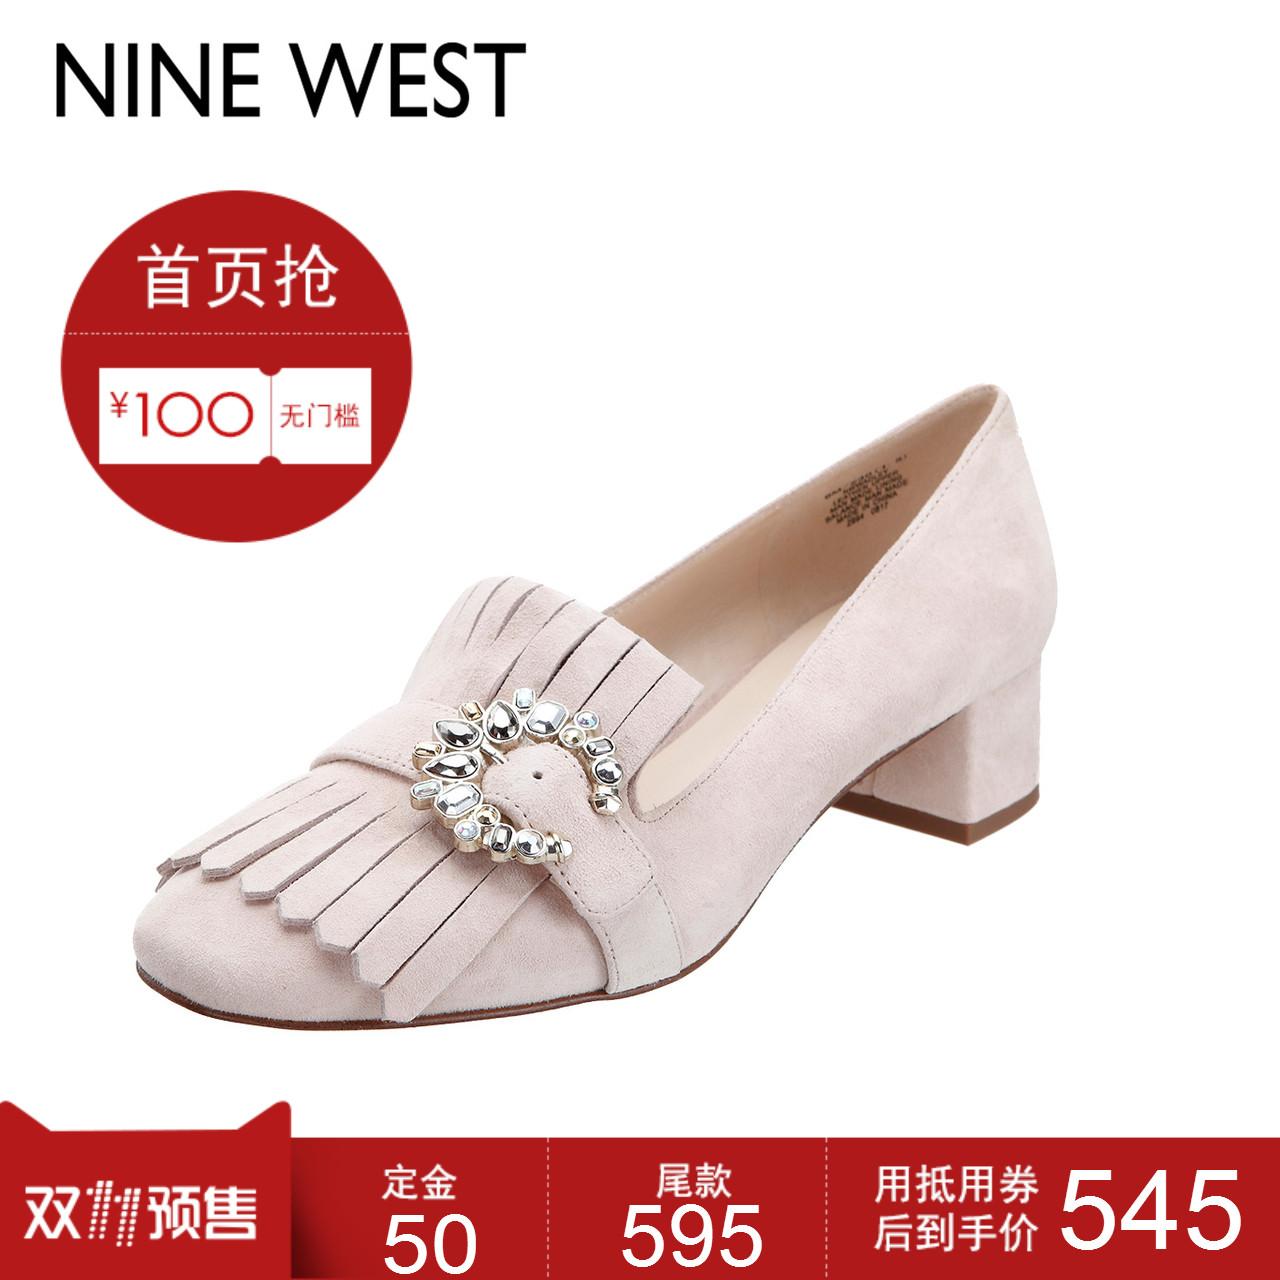 【预售】ninewest玖熙2017秋冬新款圆头流苏玛丽珍鞋 方跟单鞋女